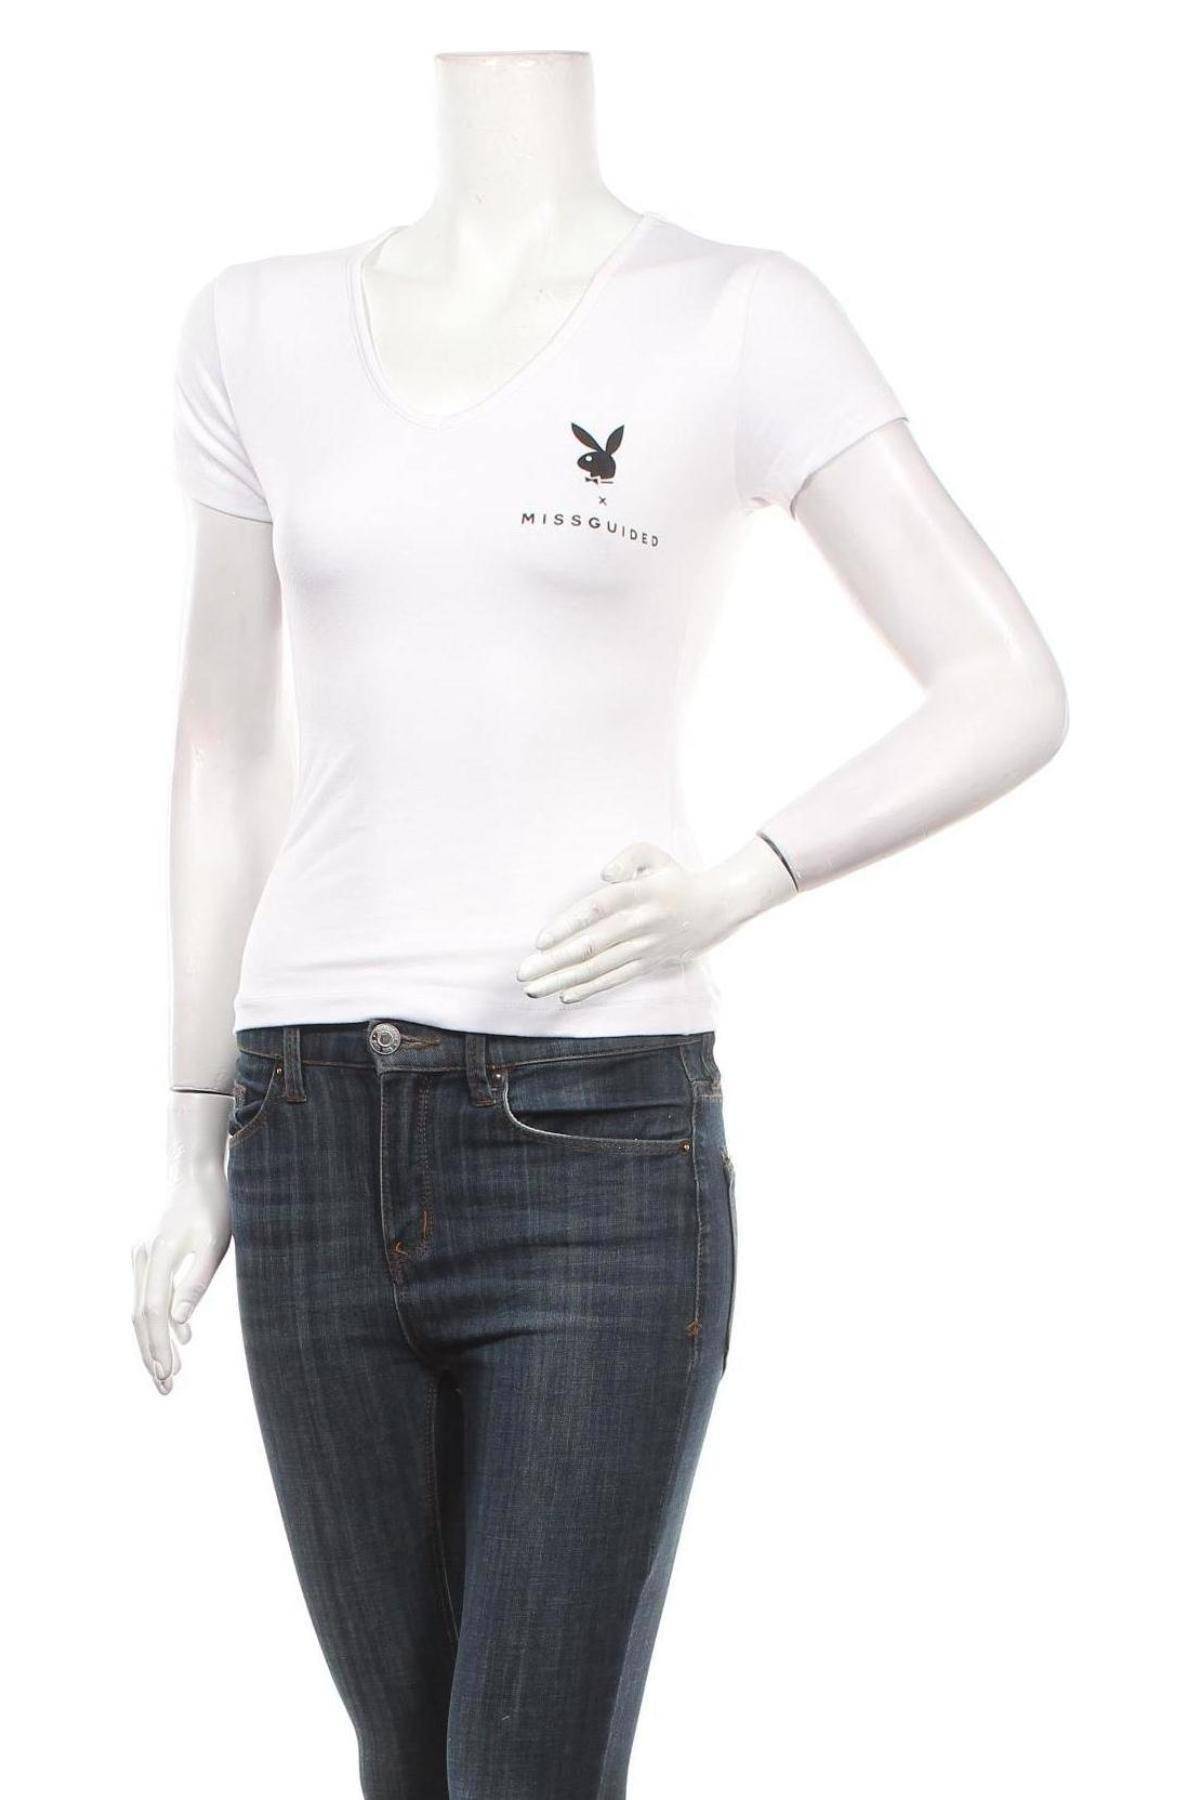 Дамска тениска Missguided, Размер S, Цвят Бял, 75% полиестер, 20% вискоза, 5% еластан, Цена 23,24лв.